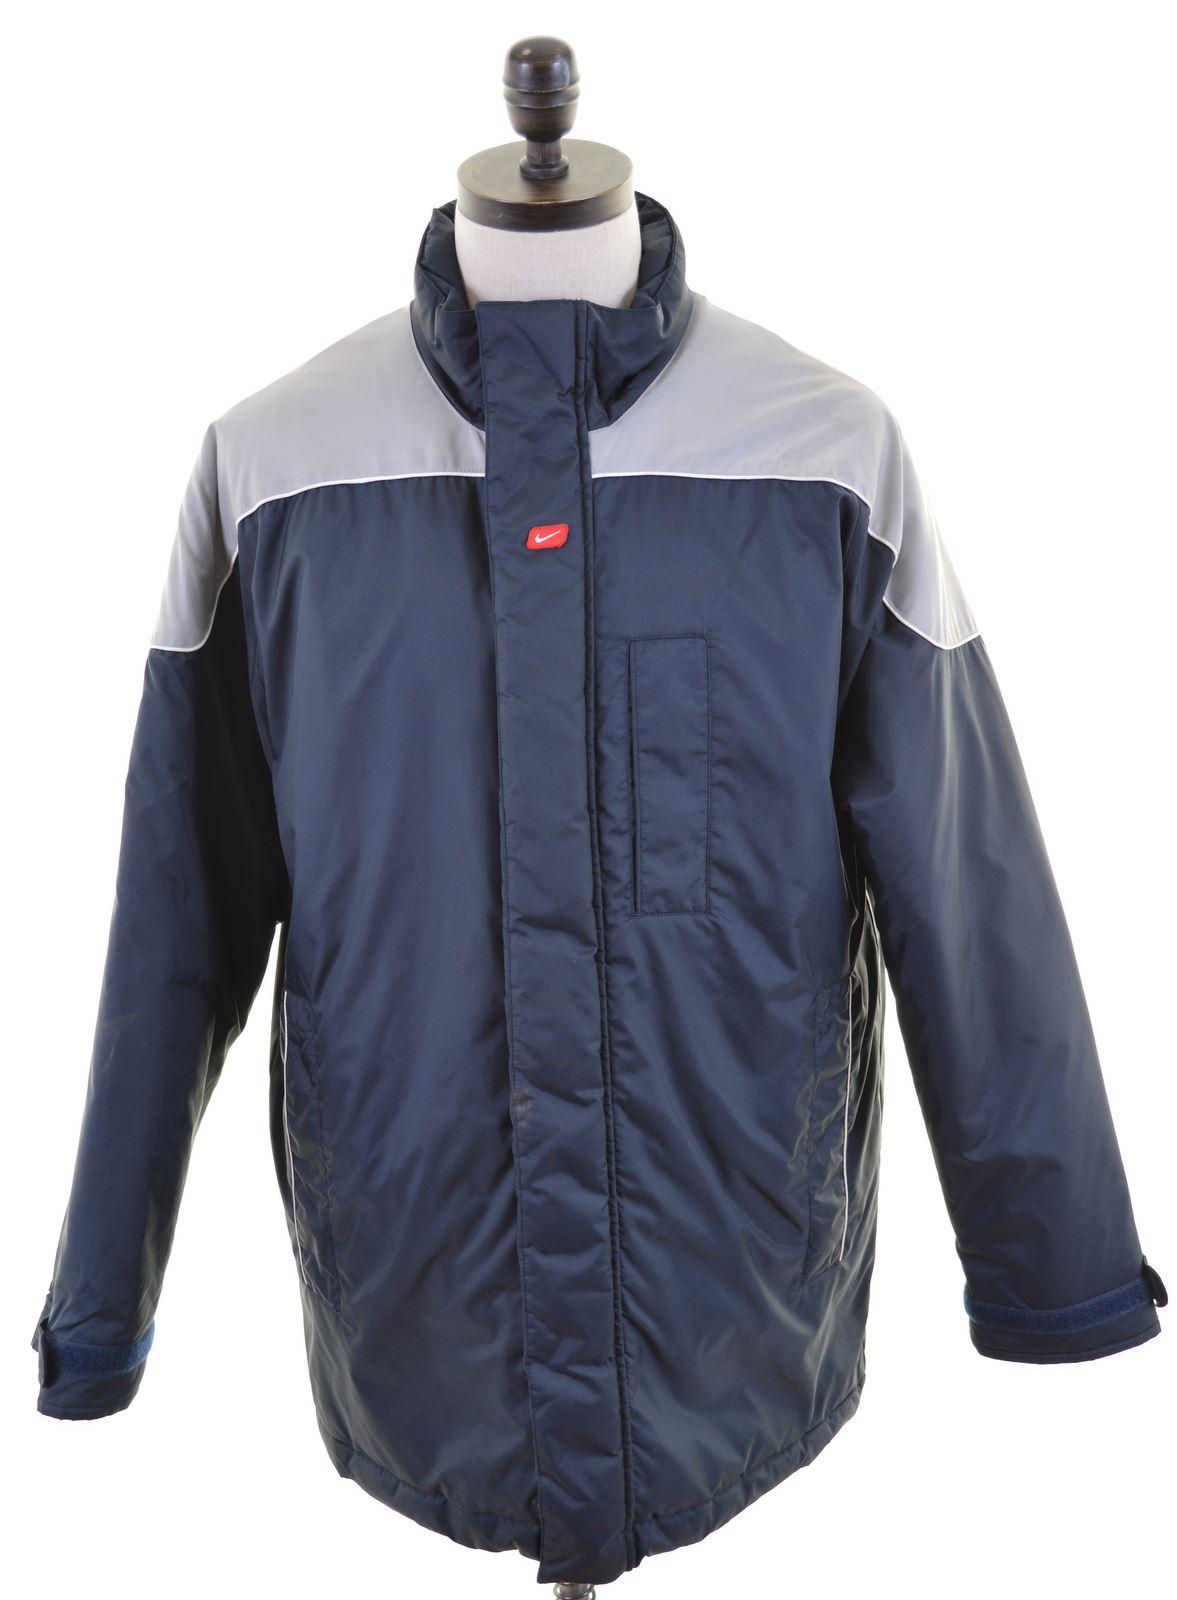 Détails sur Nike Homme Veste Matelassée Taille 44 Large Bleu